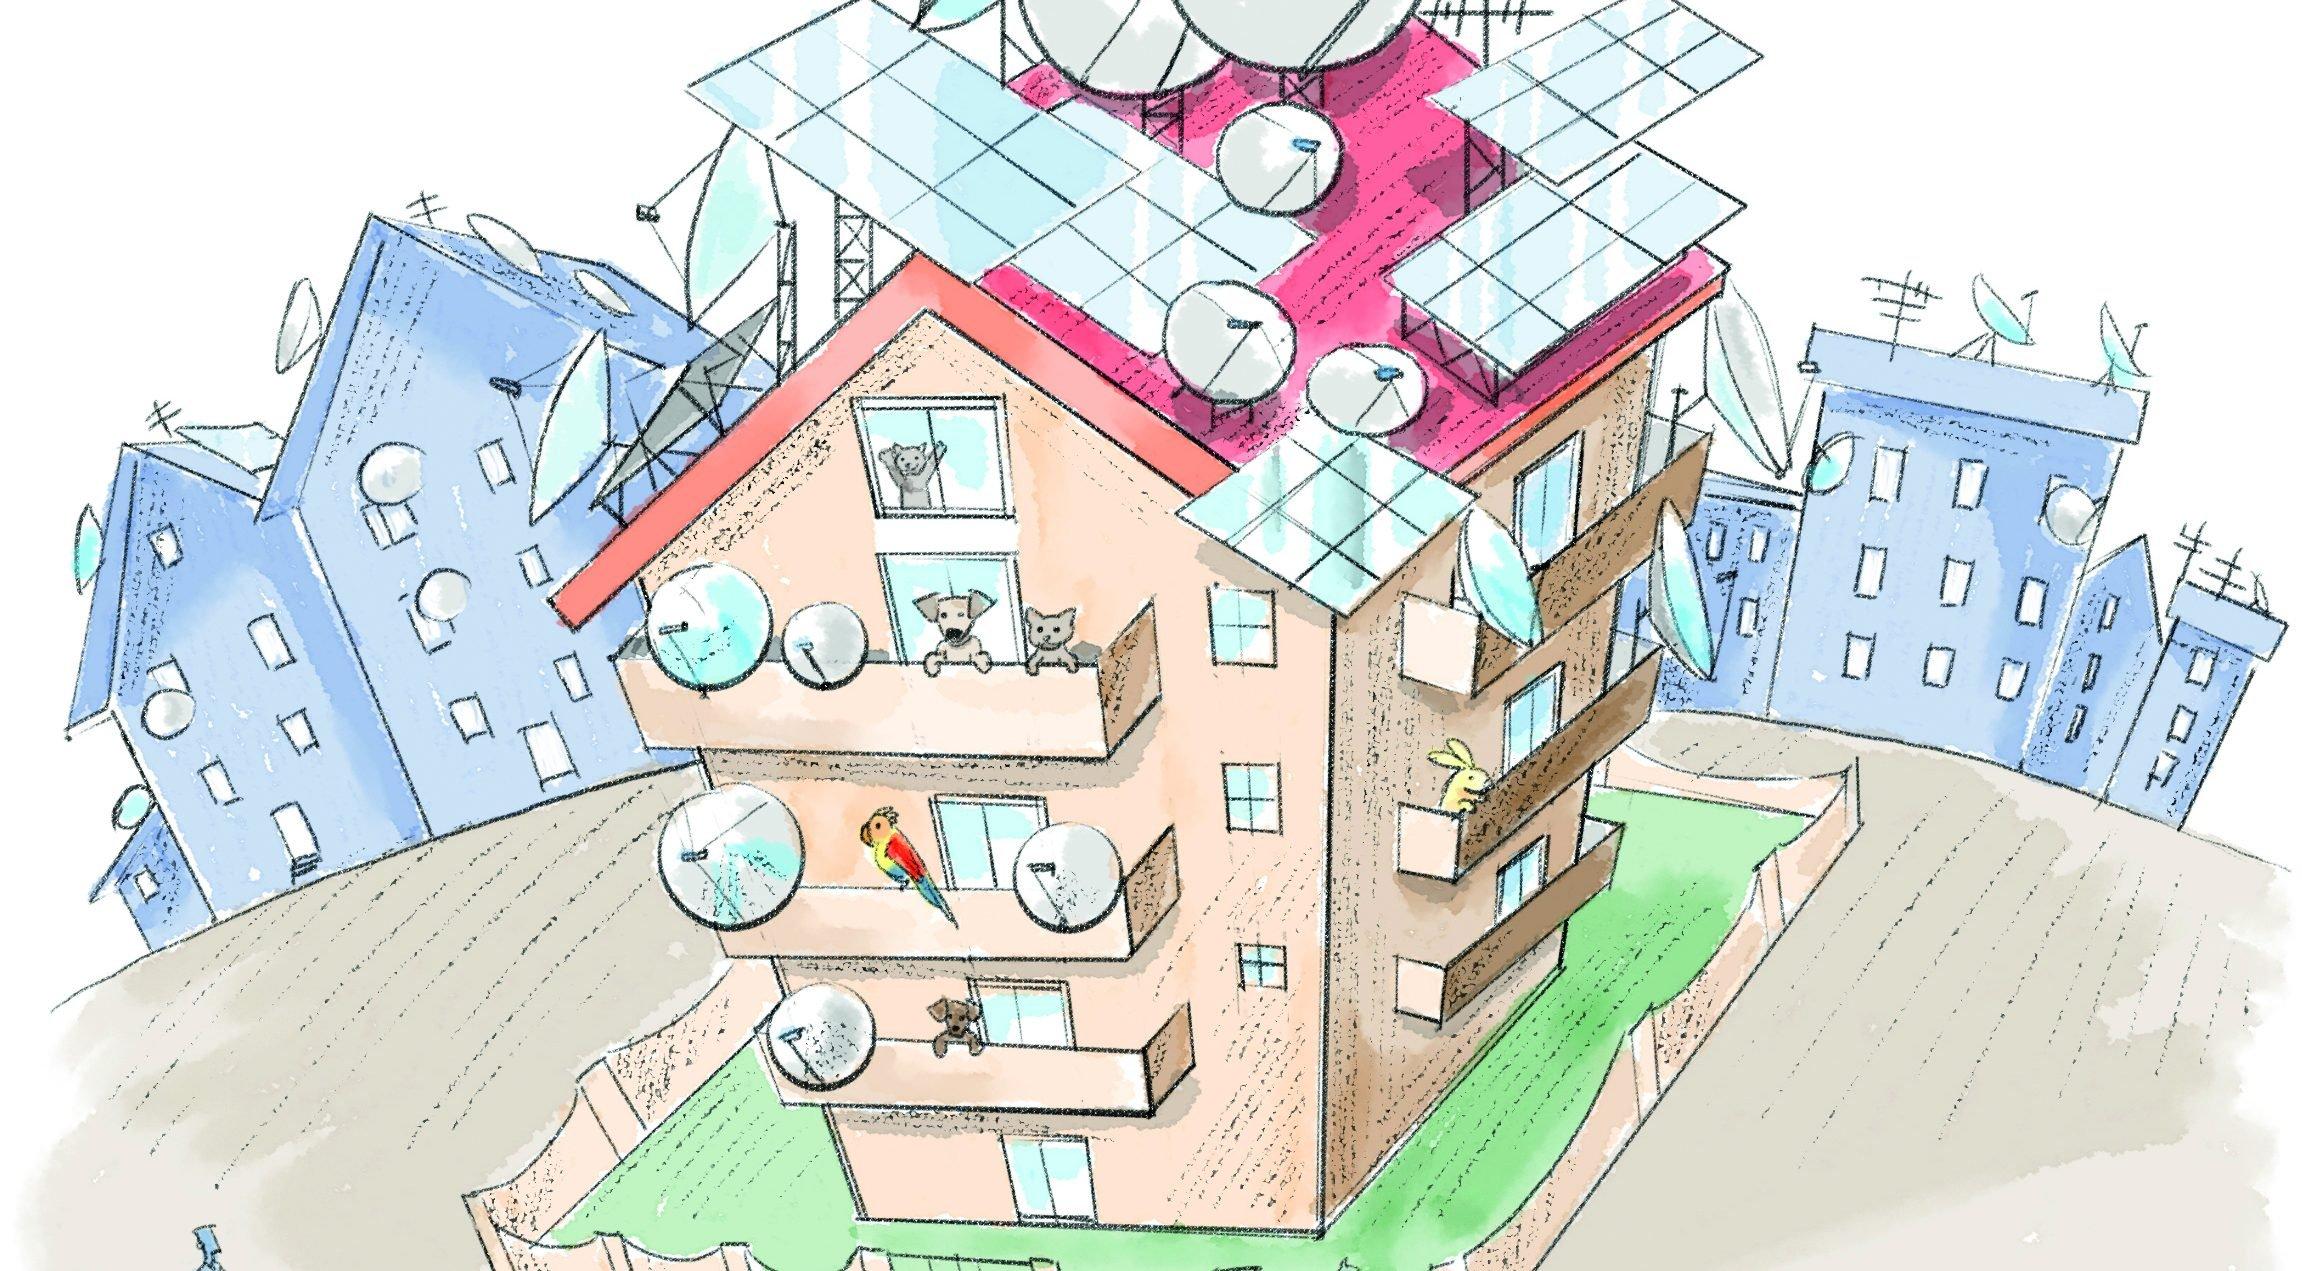 Rete Per Gatti Condominio riforma del condominio: i tre principali cambiamenti - cose